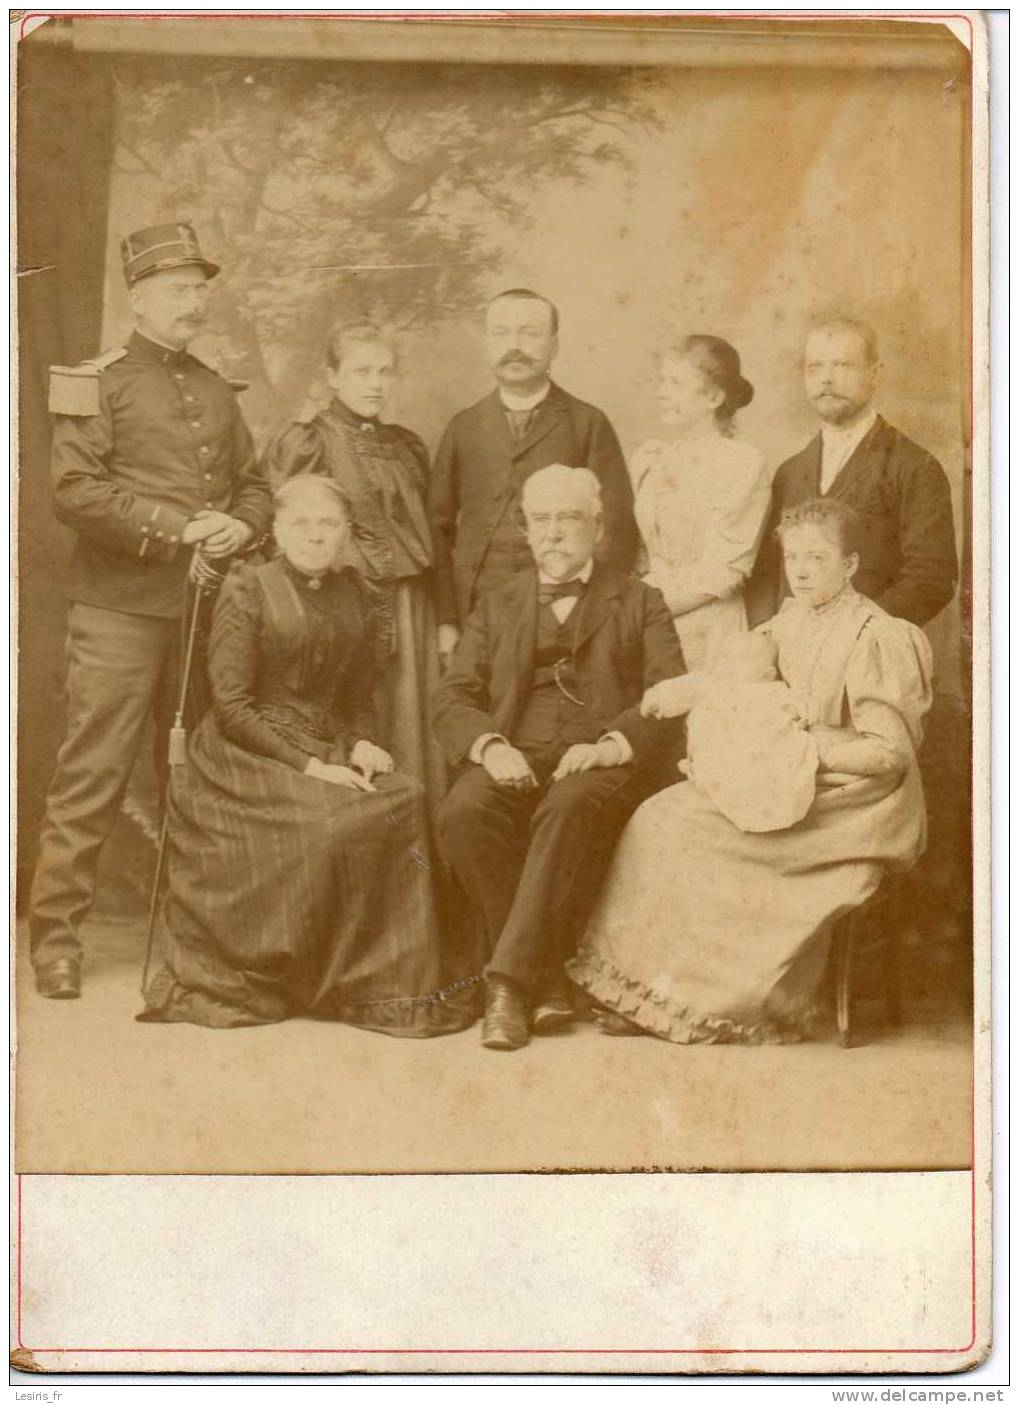 PHOTO SUR CARTON - 11 JUIN 1894 - FAMILLE RAYNAL - PLUSIEURS GENERATIONS - MILITAIRE - PHOTOGRAPHIE AUBRY - RAMBOUILLET - Ancianas (antes De 1900)